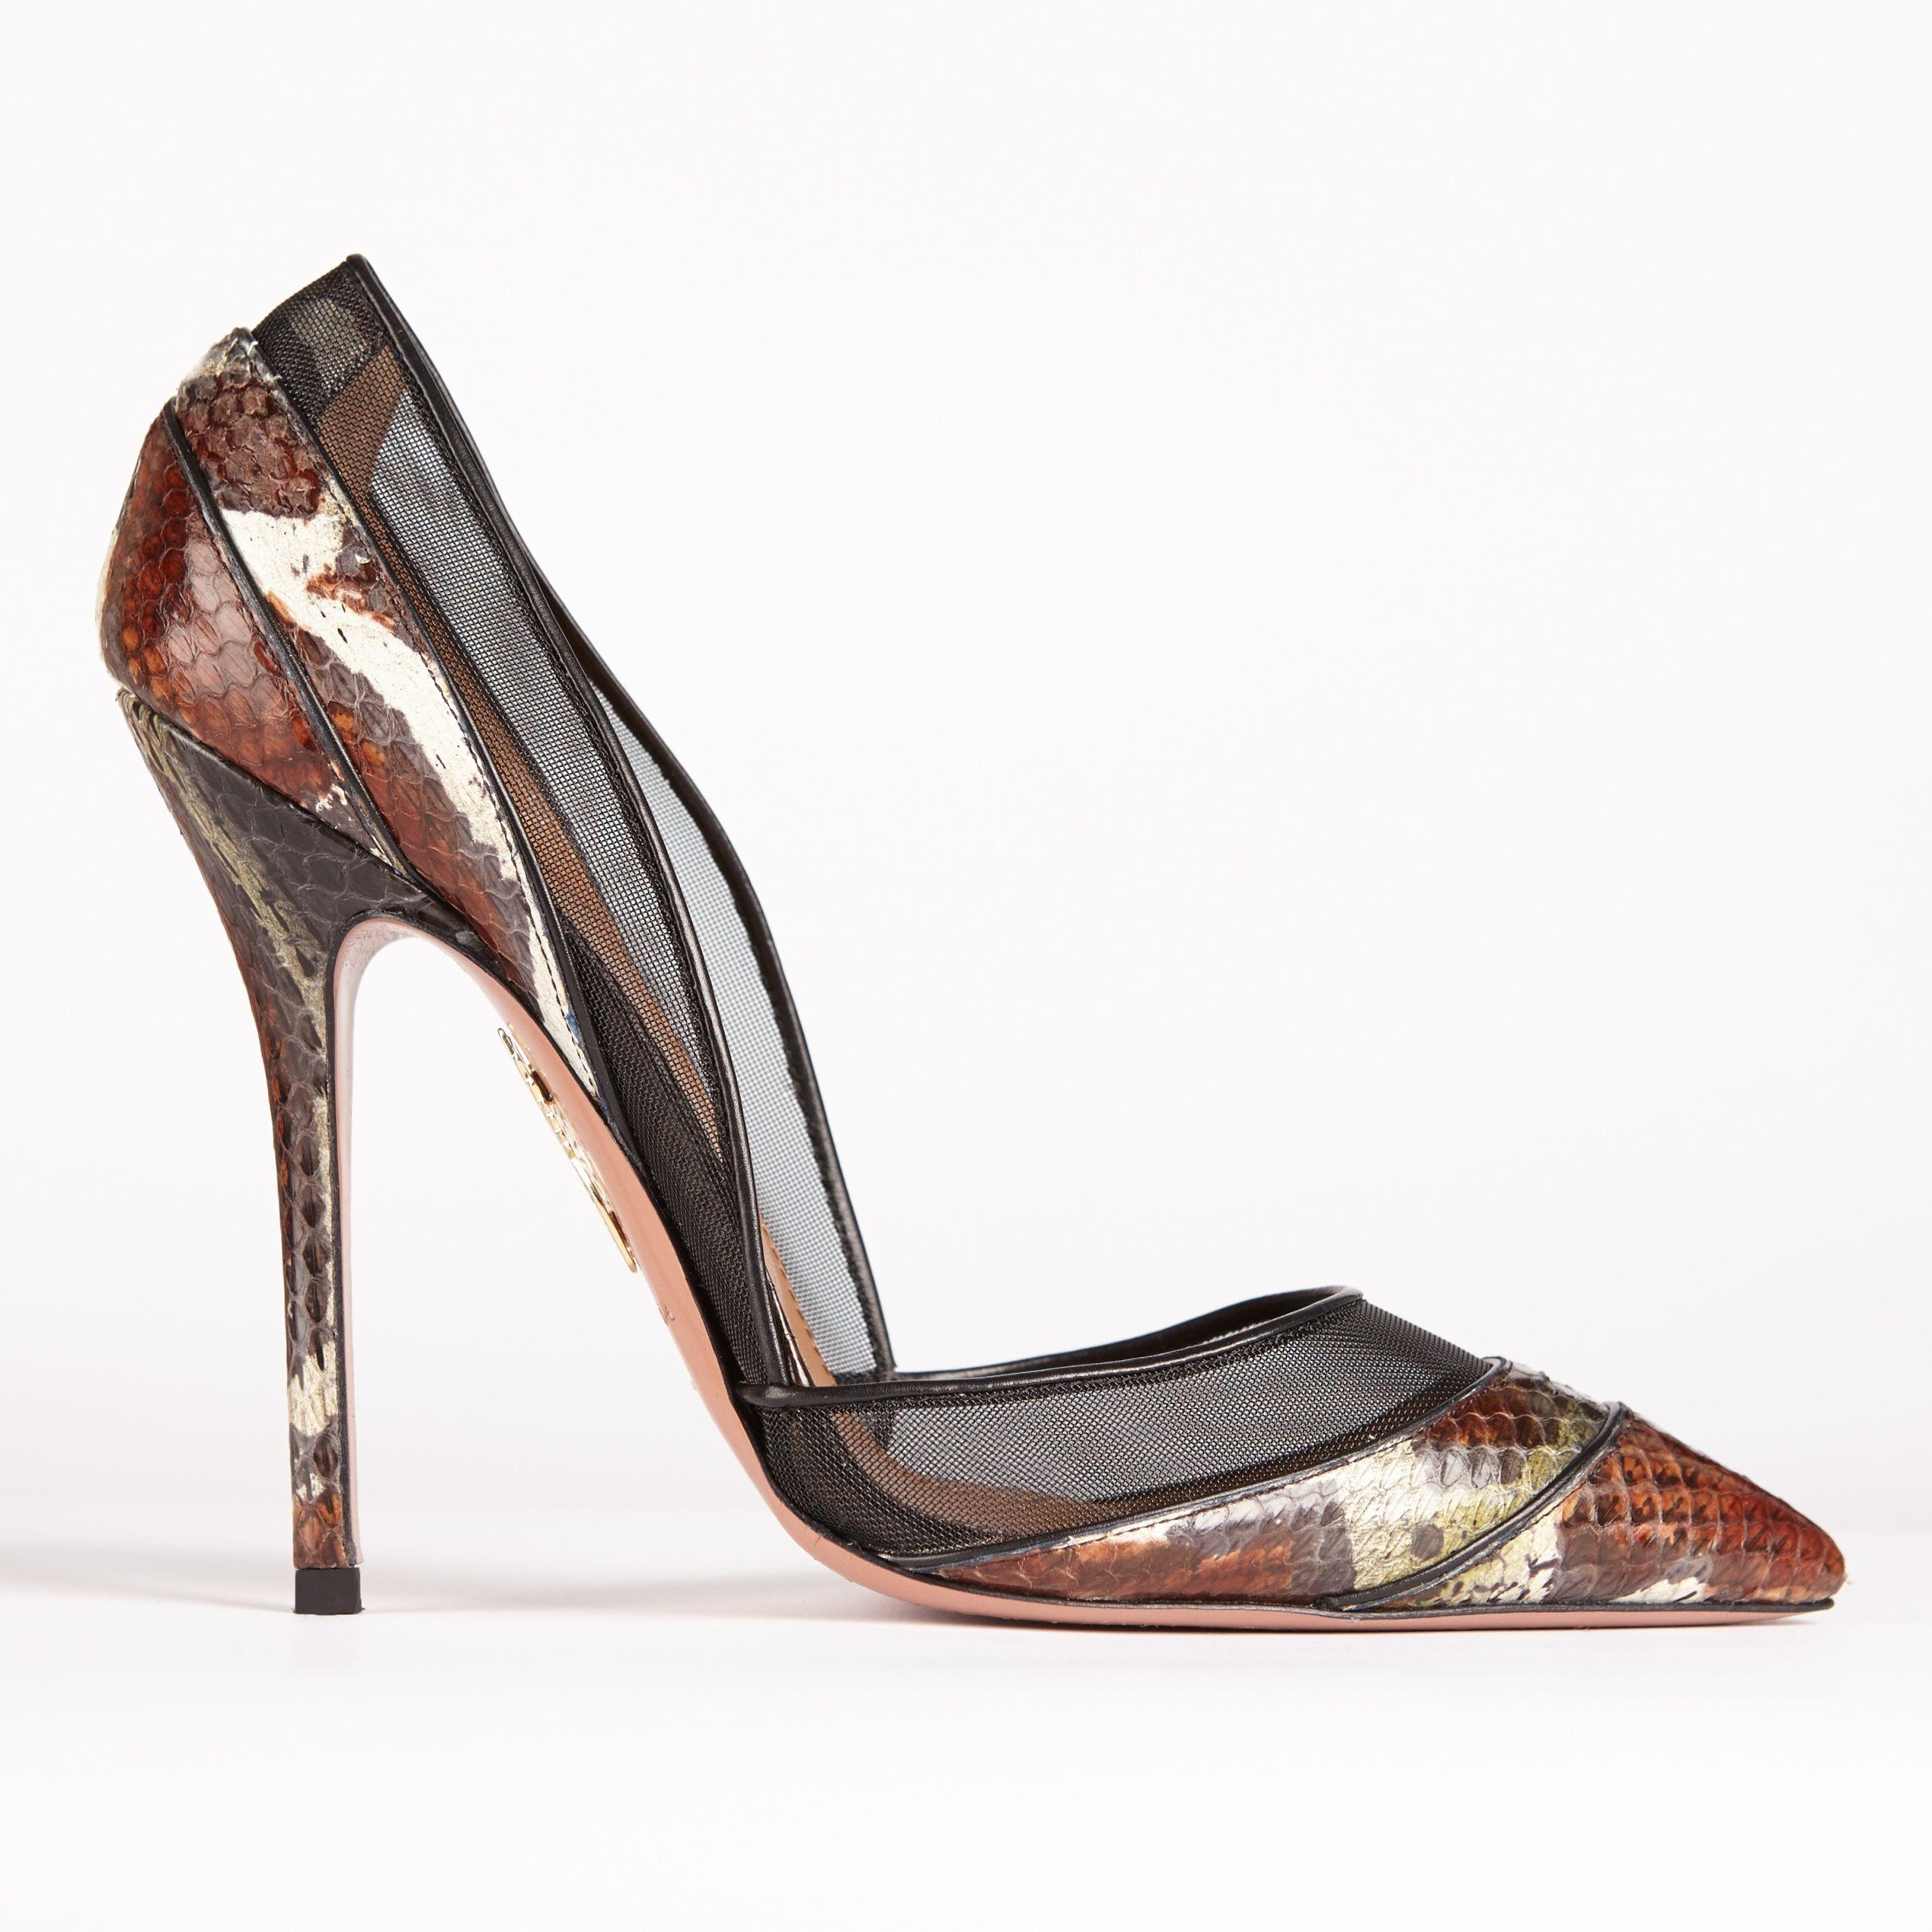 Aquazzura x Olivia Palermo shoe collection